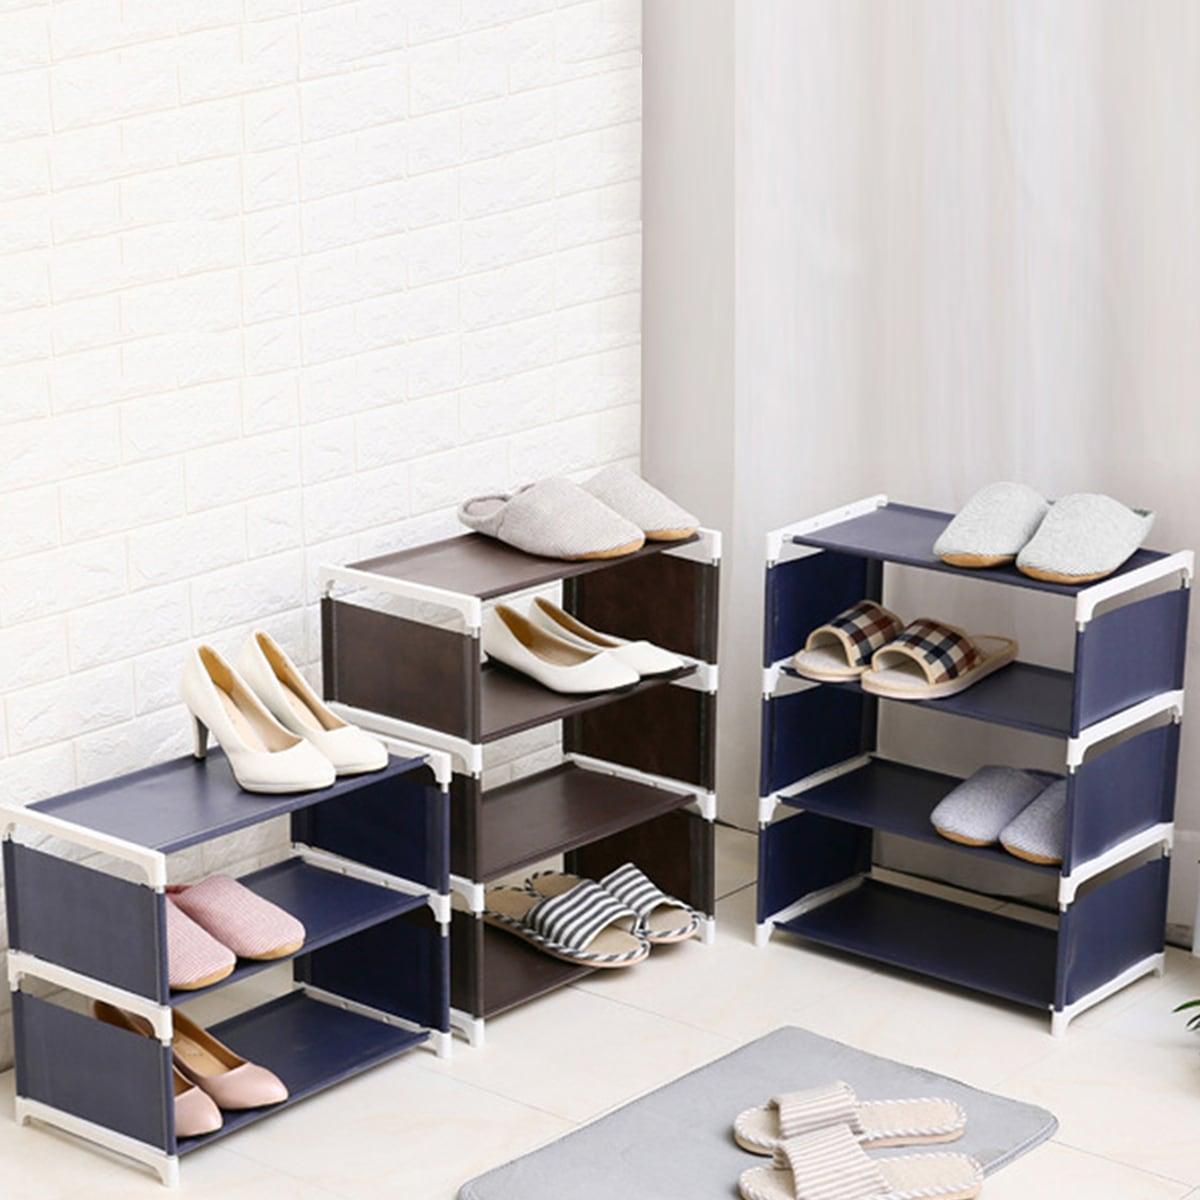 1 st Multi Layer schoenen opbergrek